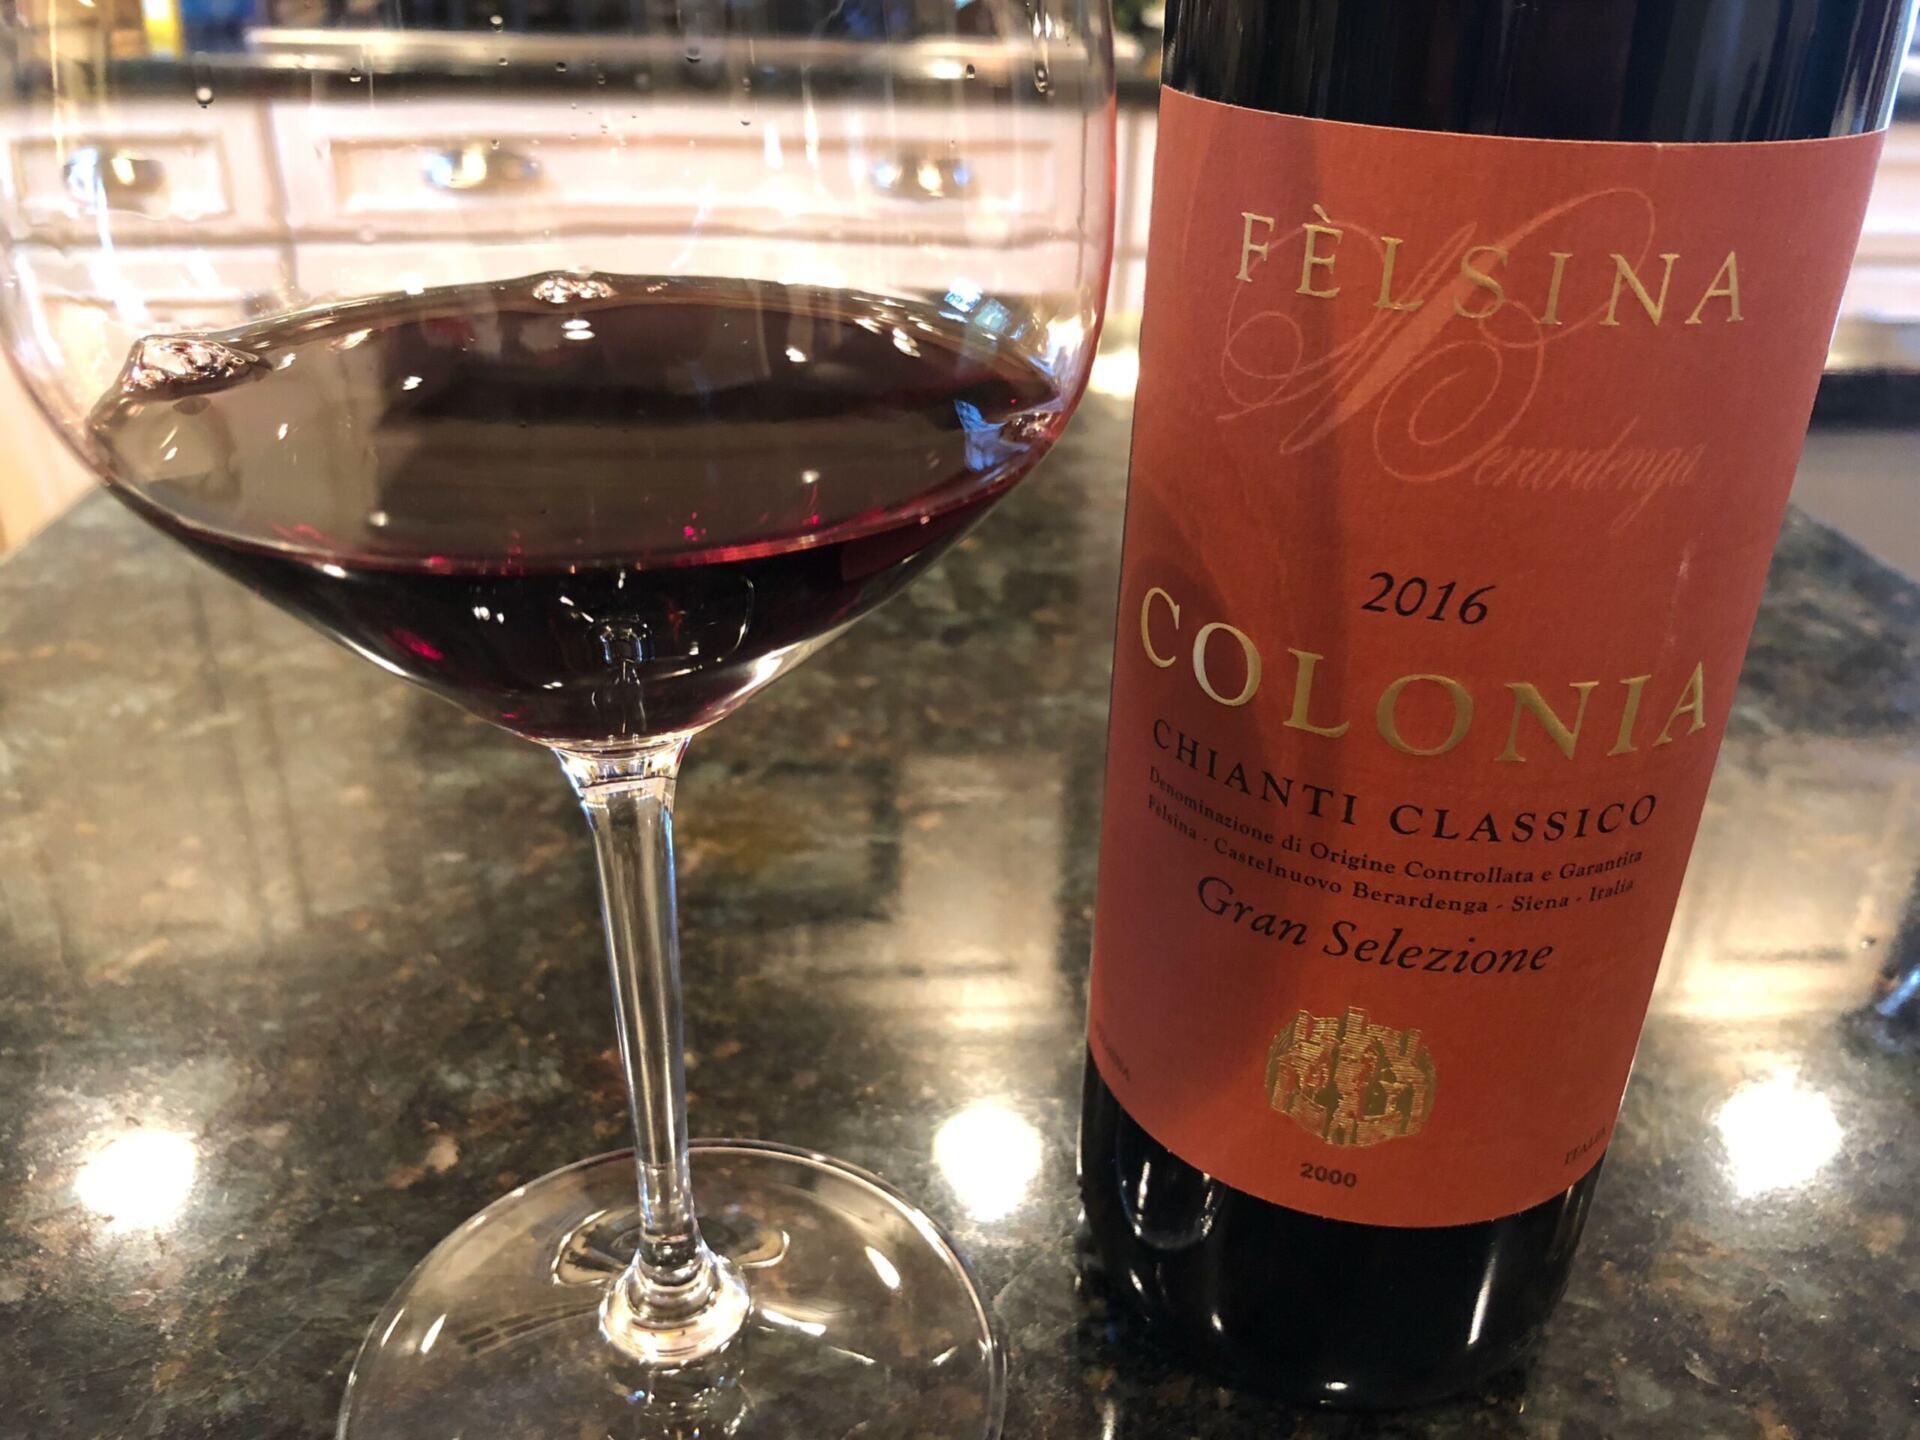 Felsina Colonia